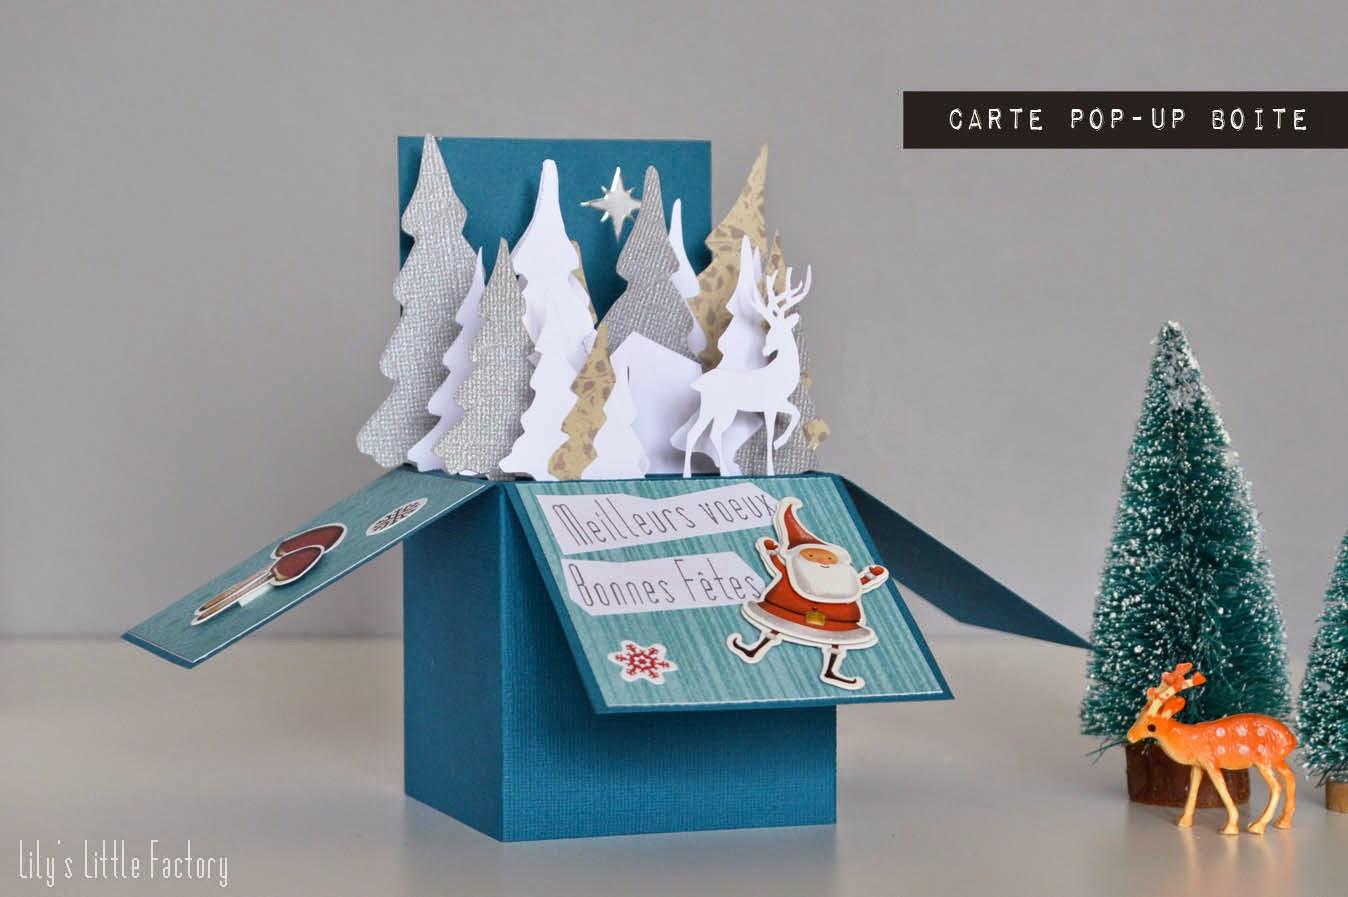 Souvent Meilleurs Vœux : Une Carte Pop-Up Boite | Lily's Little Factory  IL35